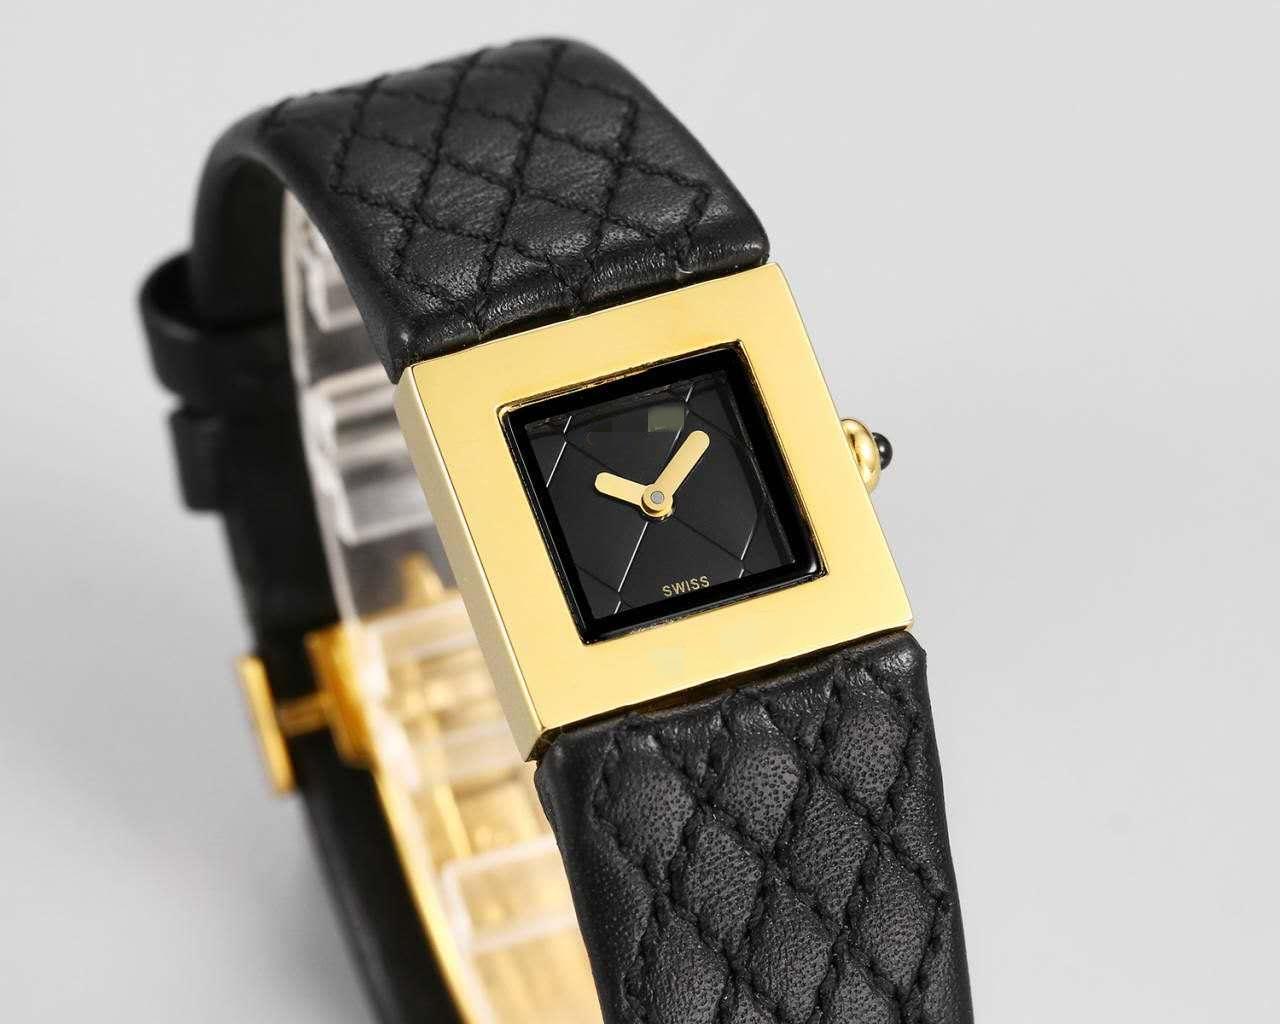 1993 款高端版本小方表  女式腕表头层牛皮表带中古款精钢 小香风